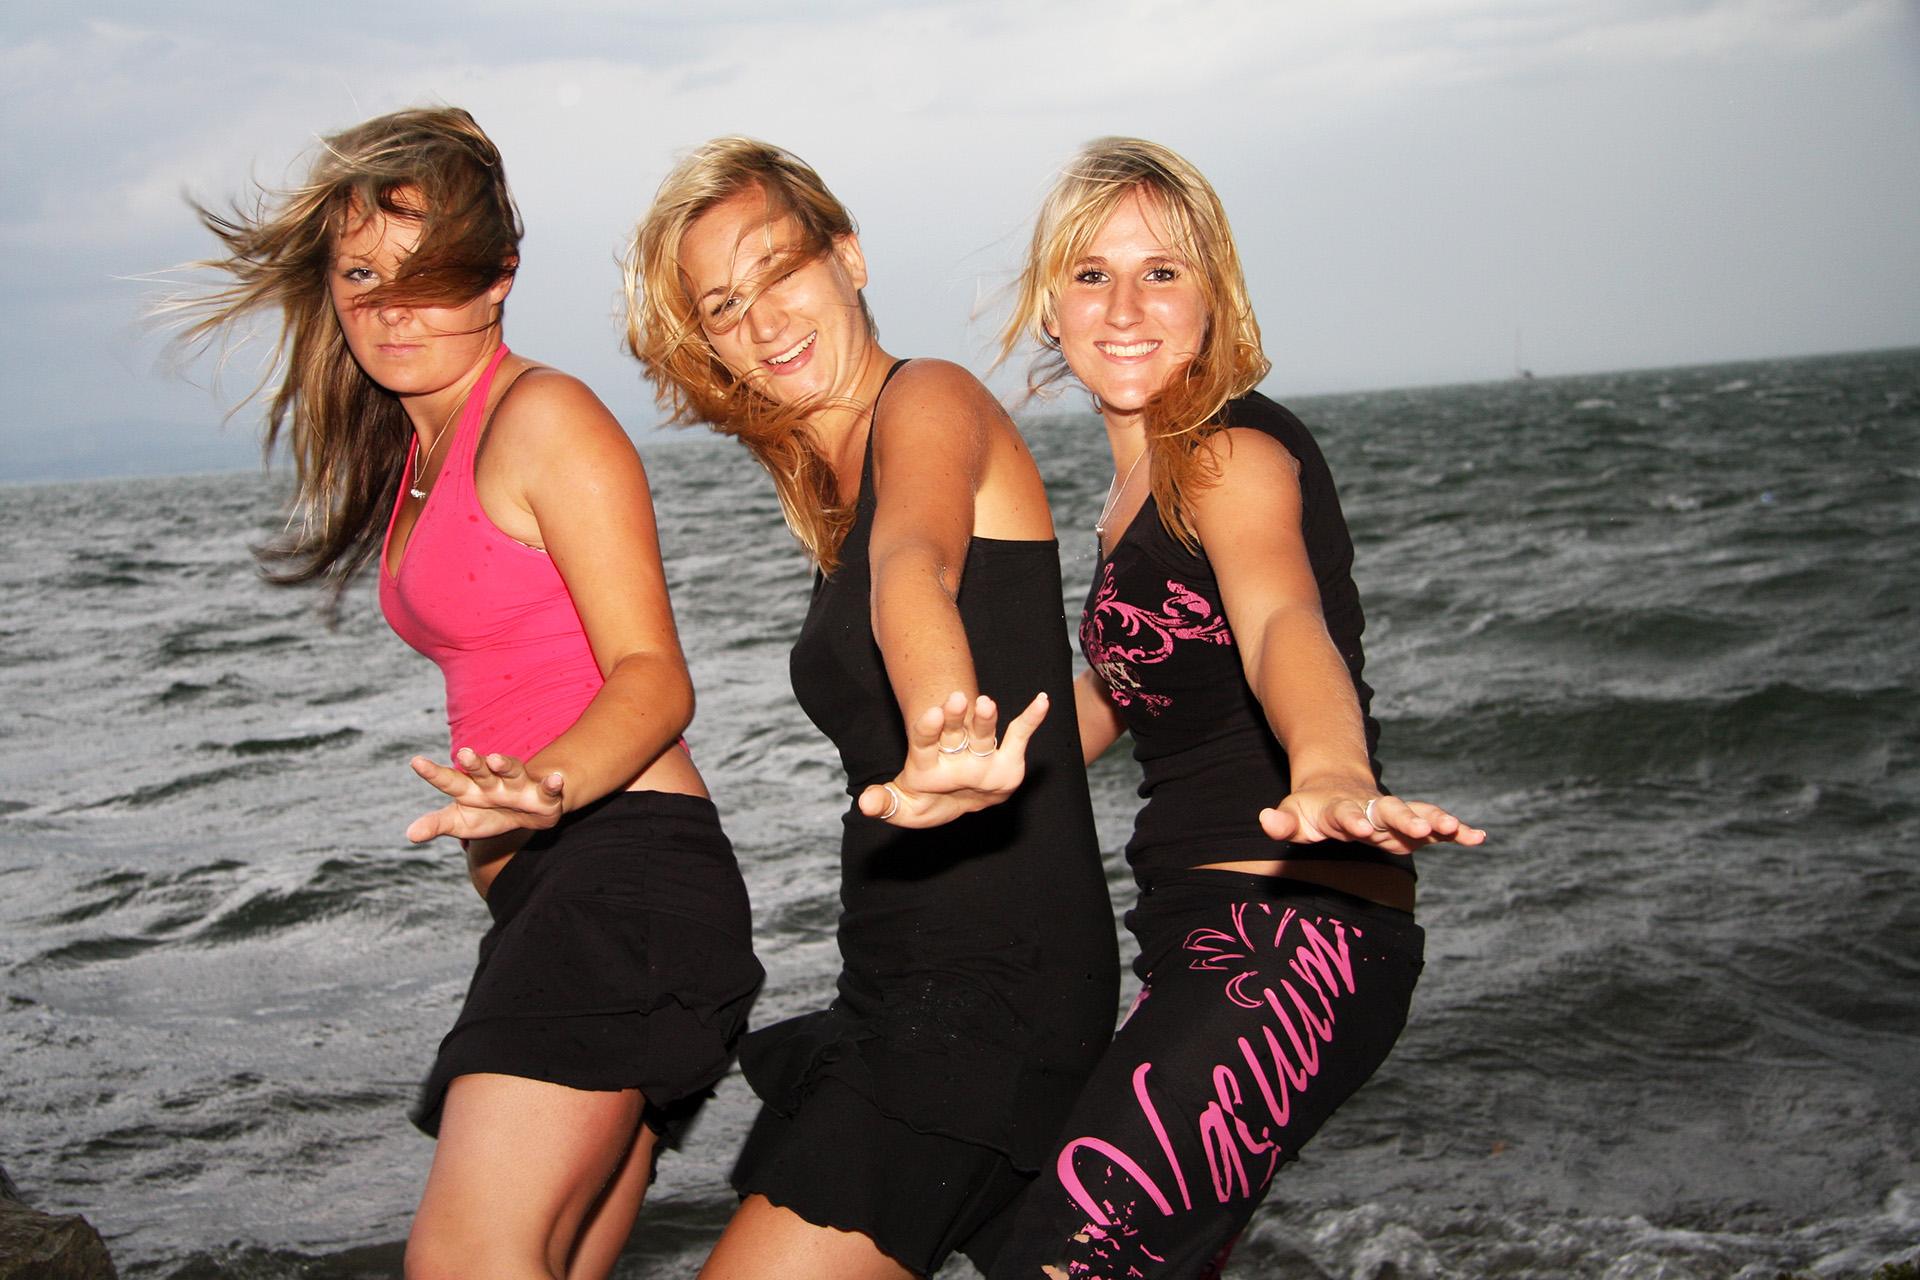 Surfergirls am Bodensee © reinhold@wentsch.com | bodensee.photography